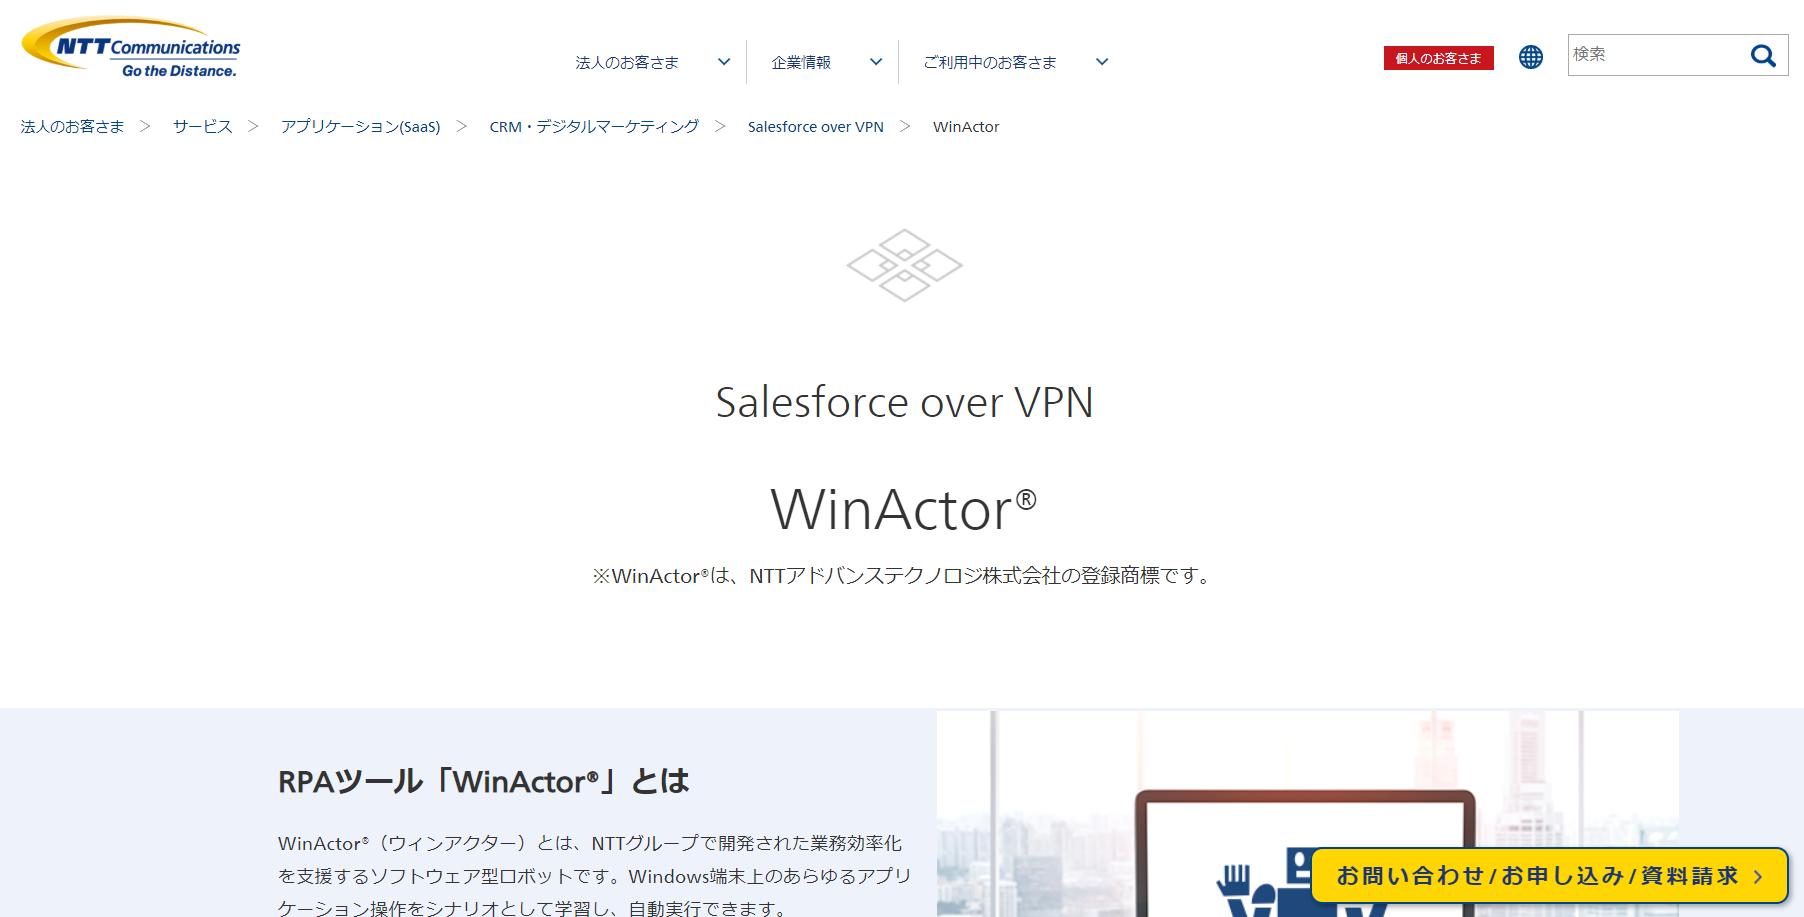 WinActor® for Salesforce over VPN